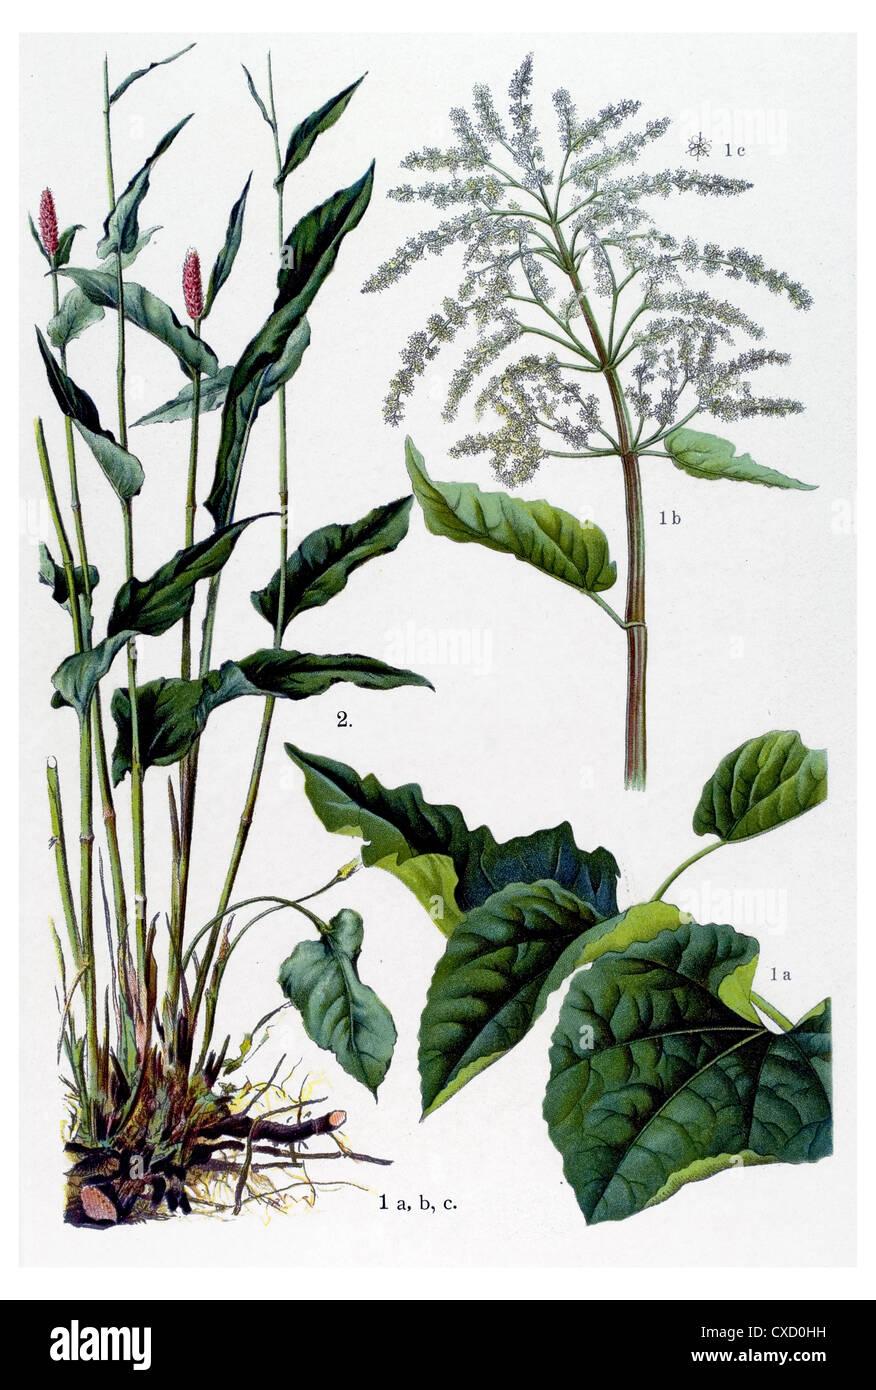 Rheum rhaponticum - Stock Image